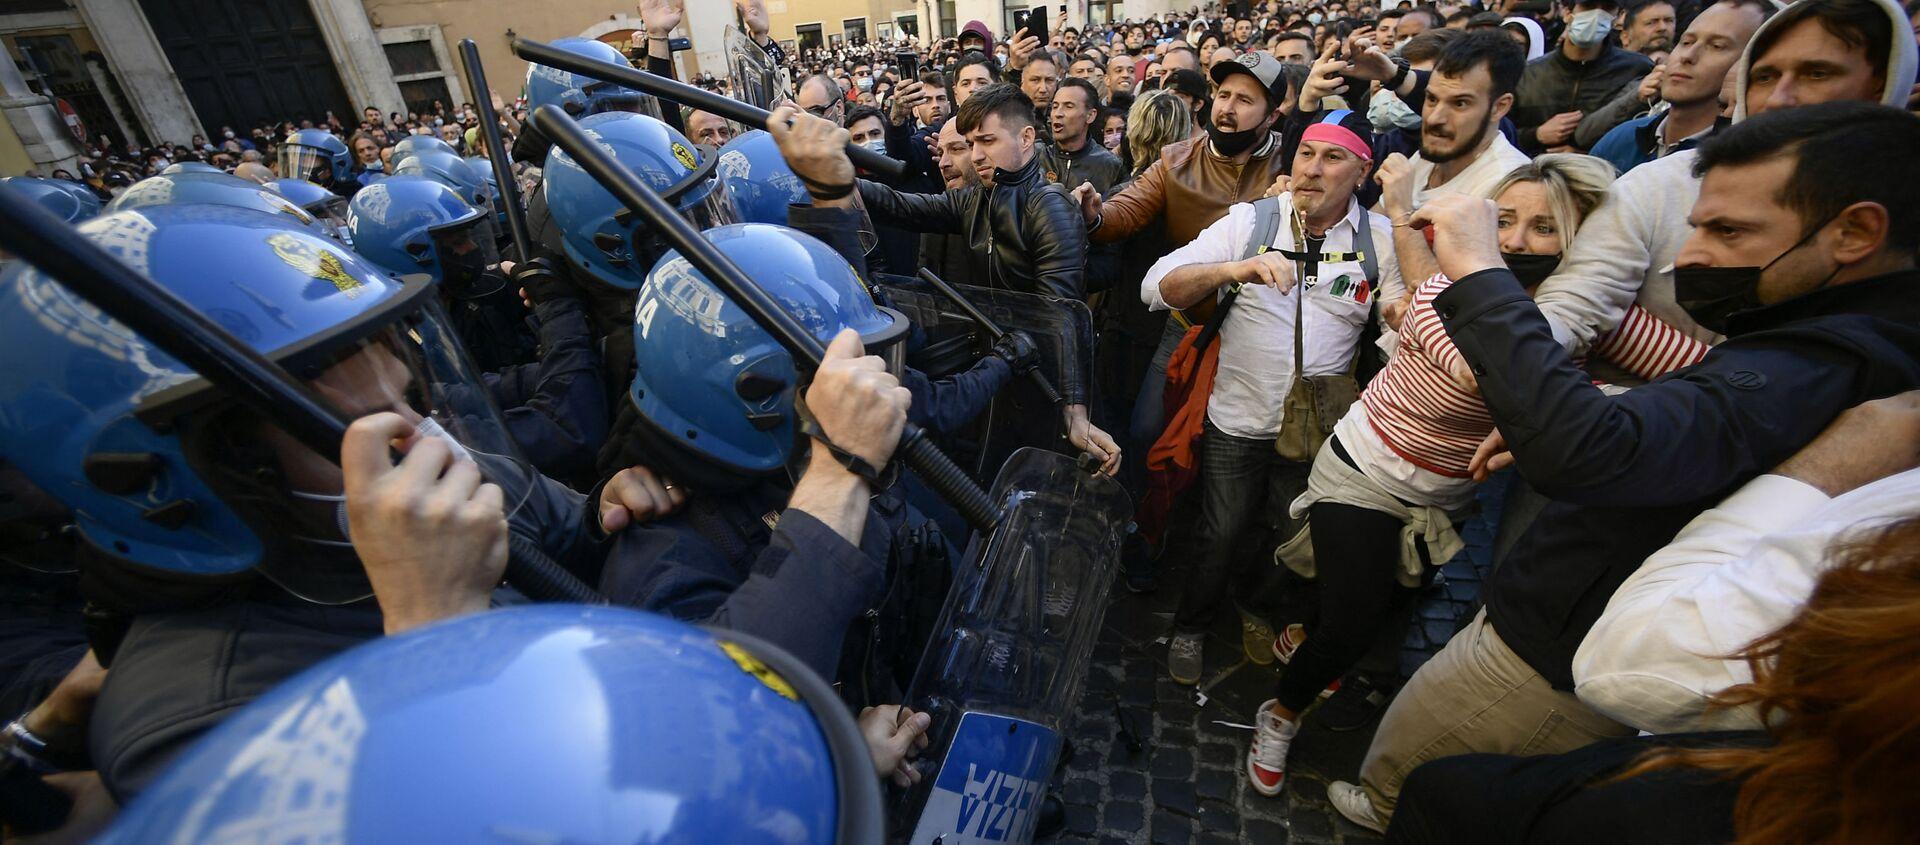 Manifestazione per le riaperture davanti a Montecitorio - Sputnik Italia, 1920, 15.04.2021